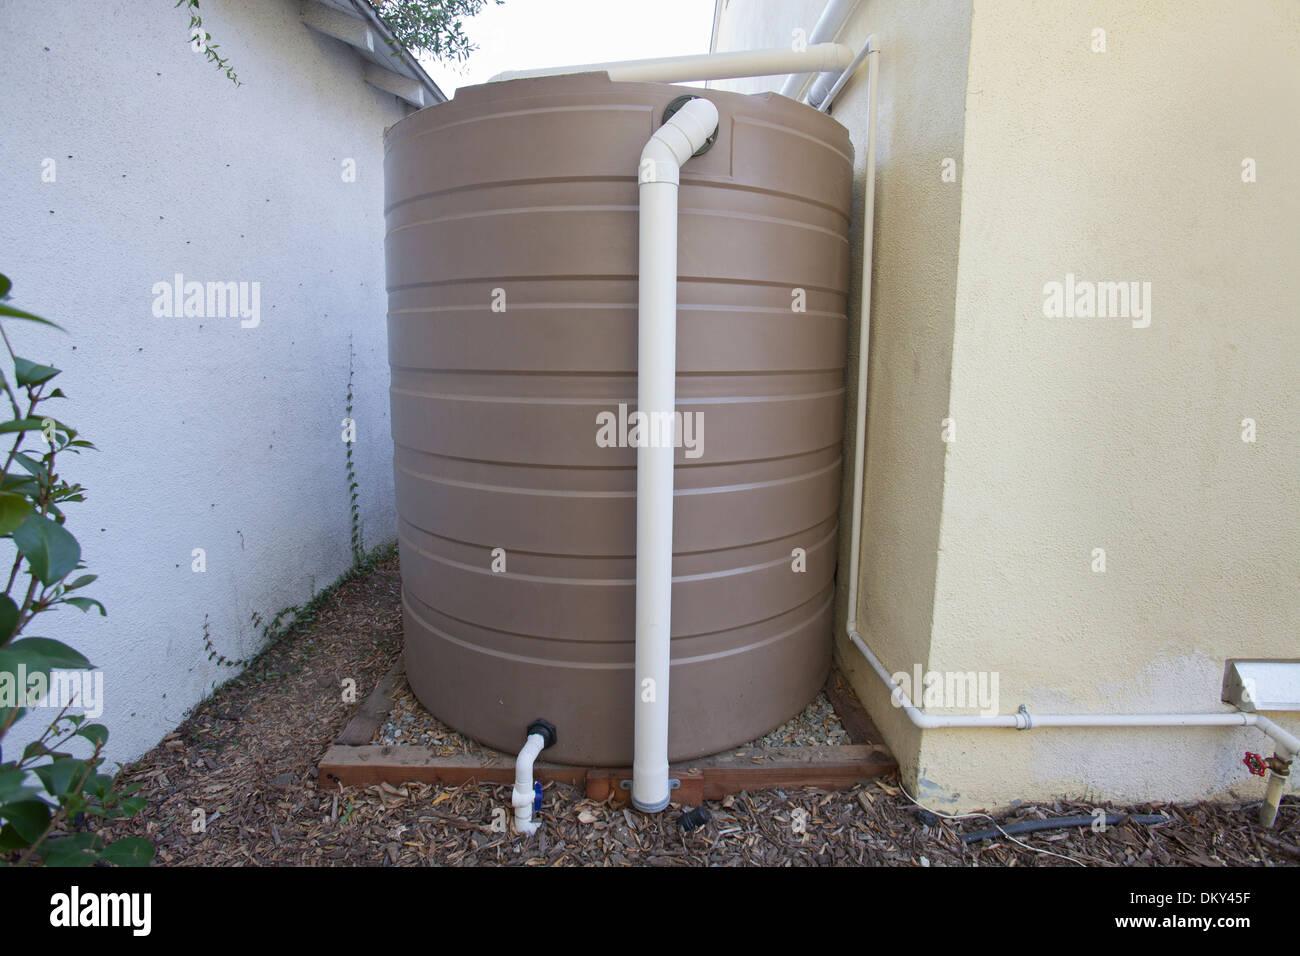 Système de collecte des eaux de pluie sur une maison verte qui est hors de la grille. Los Angeles, Californie, USA Photo Stock